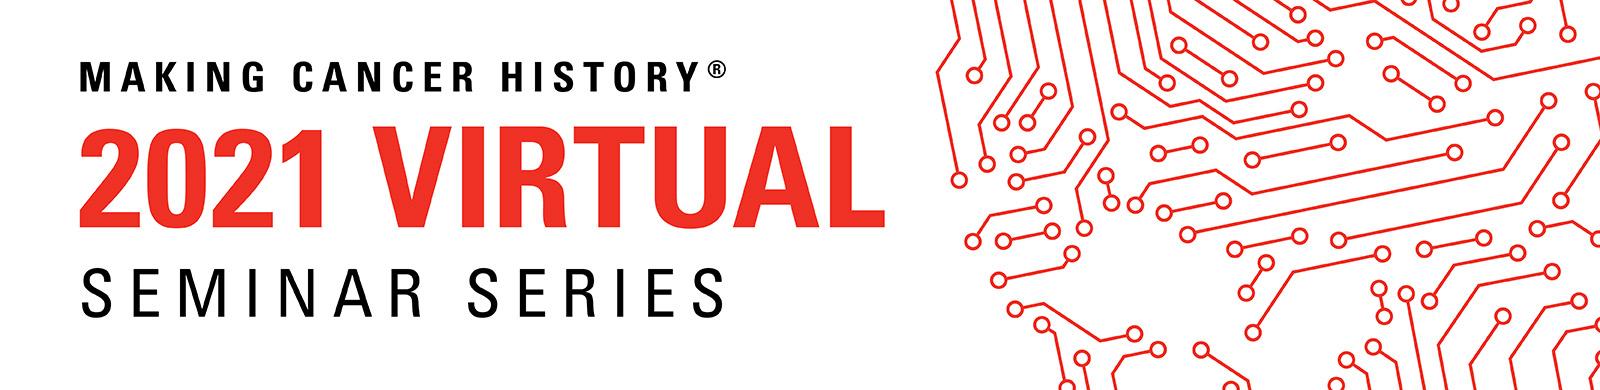 Making Cancer History-2021 Virtual-Seminar Series